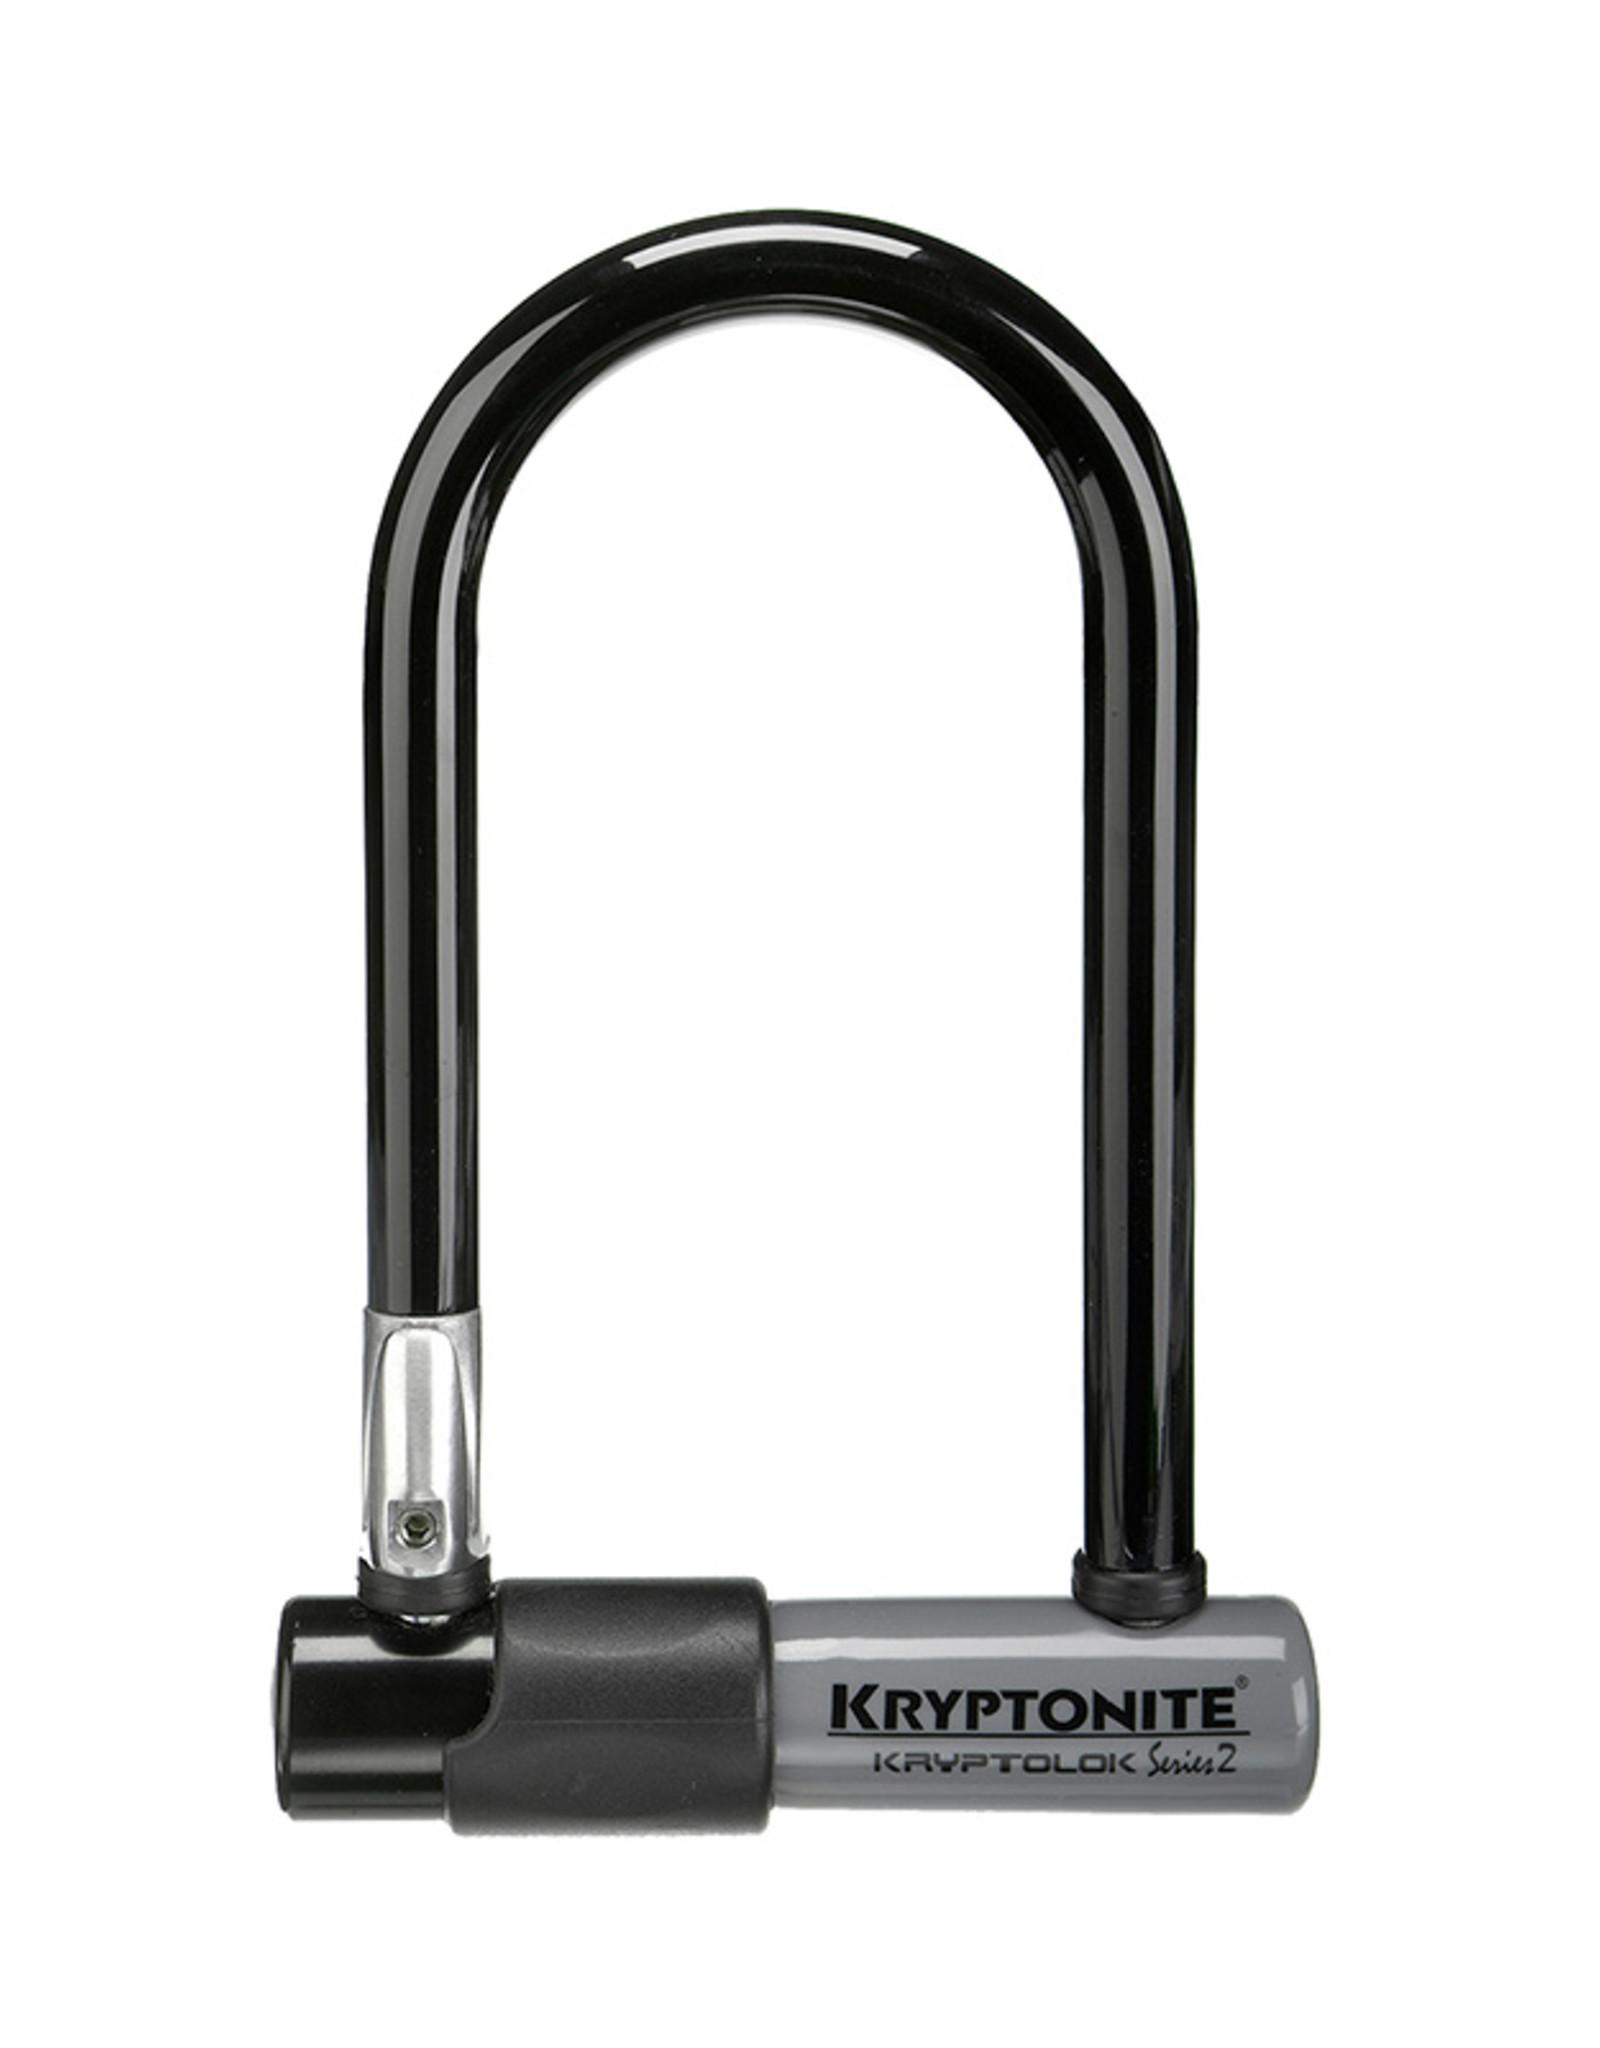 """Kryptonite KryptoLok U-Lock - 3.25 x 7"""", Keyed, Black, Includes bracket"""